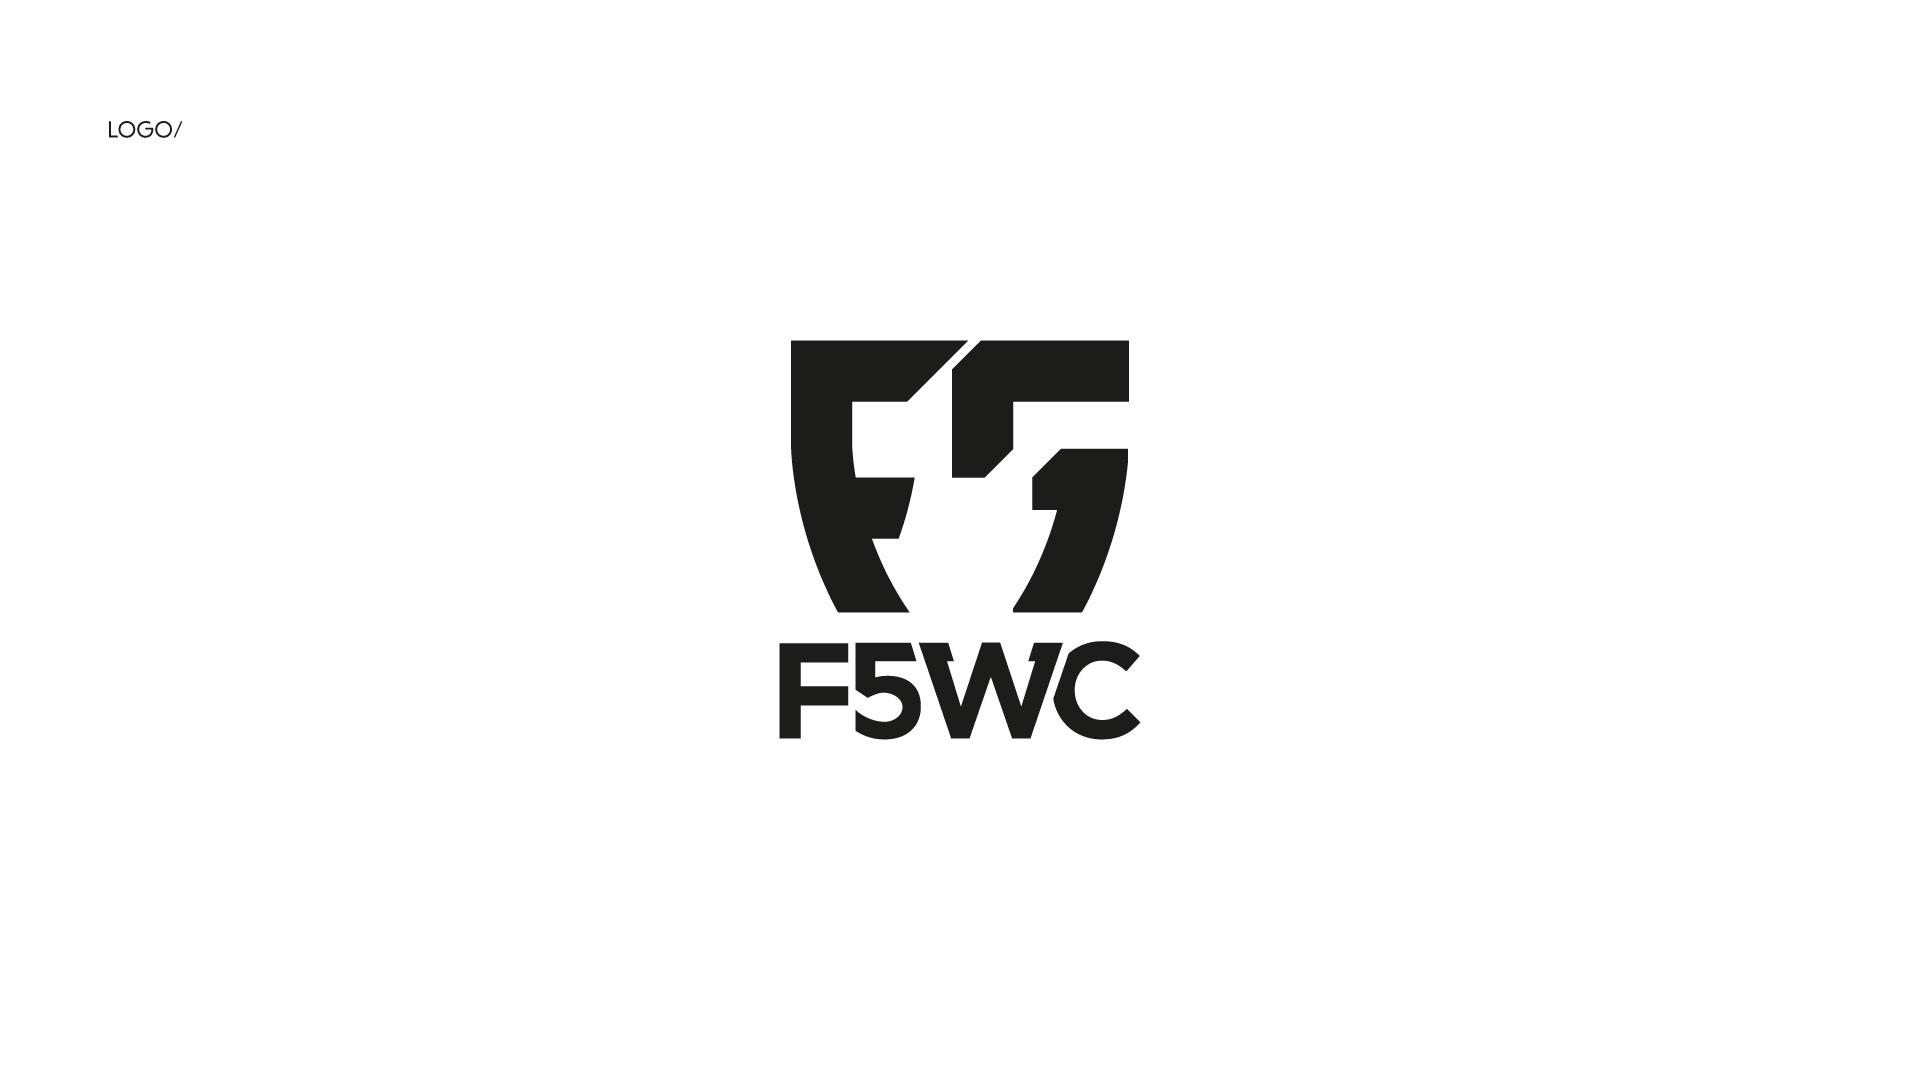 F5WC Logo